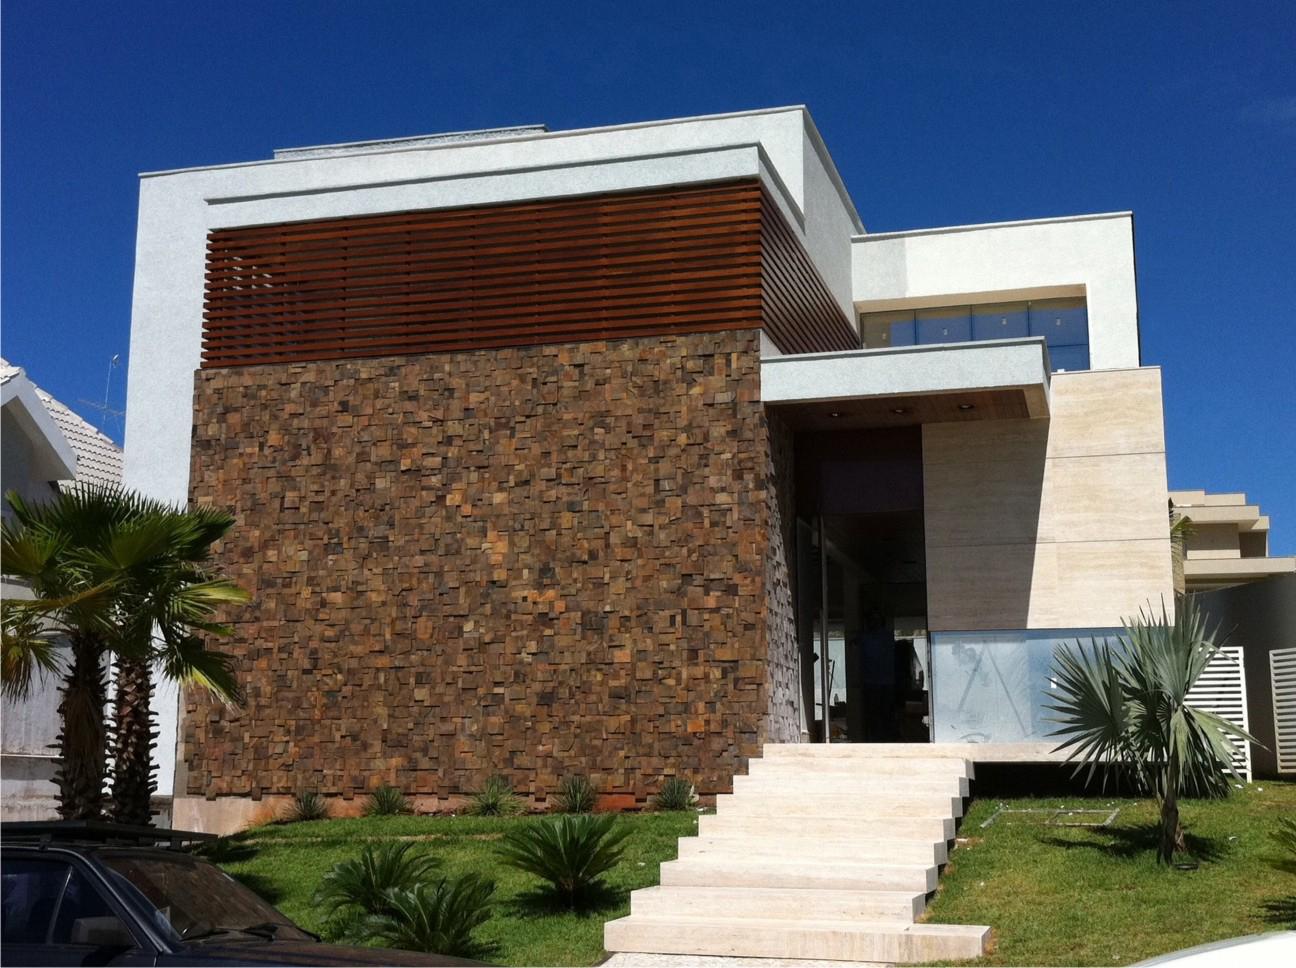 35 modelos de fachadas decoradas com pedras for Casa moderna 2019